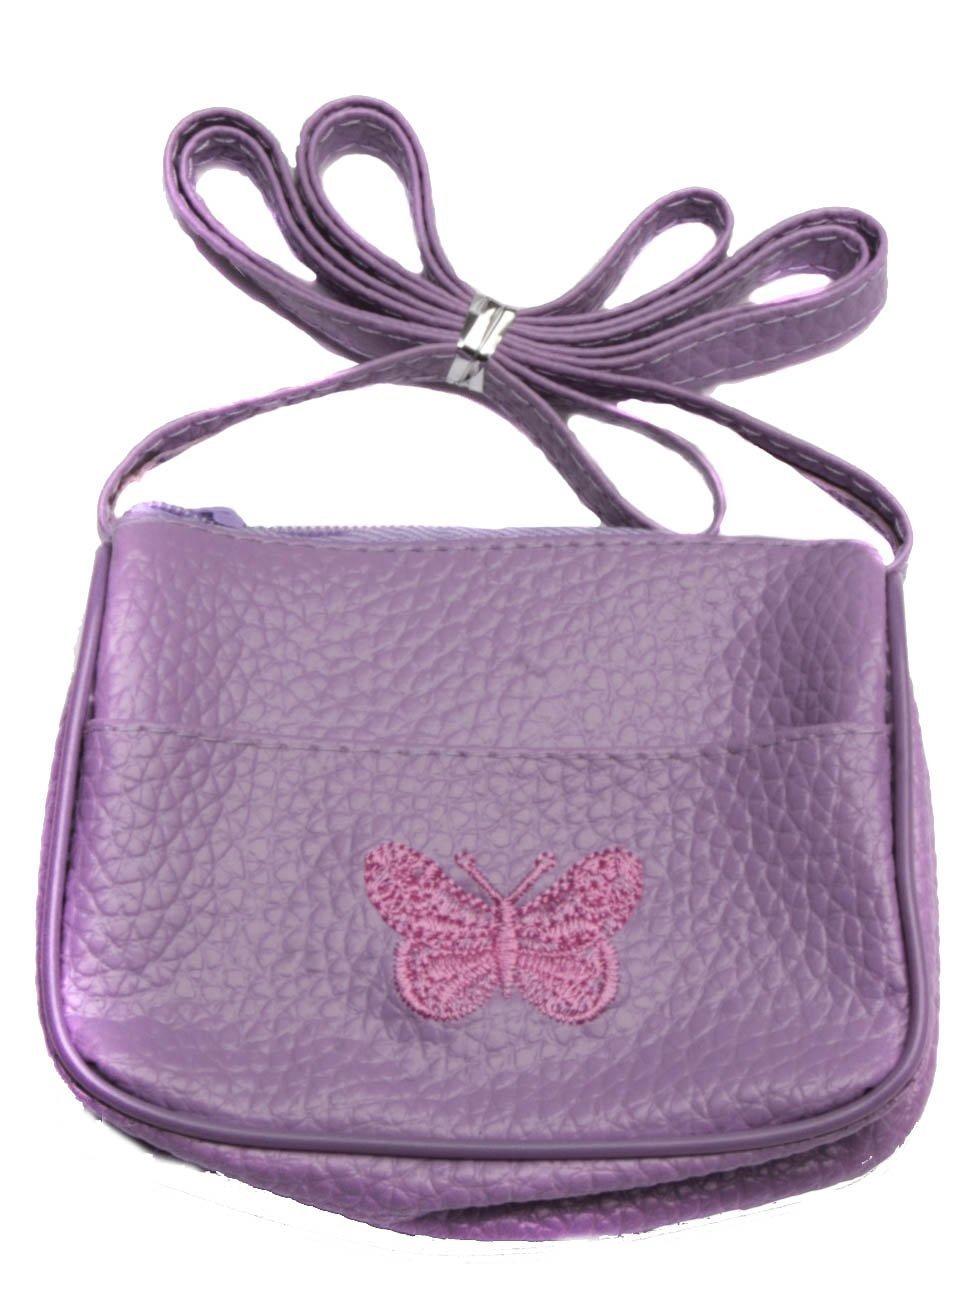 Kinder Handtasche mit eingestickten Butterfly Mias Accessories 8991